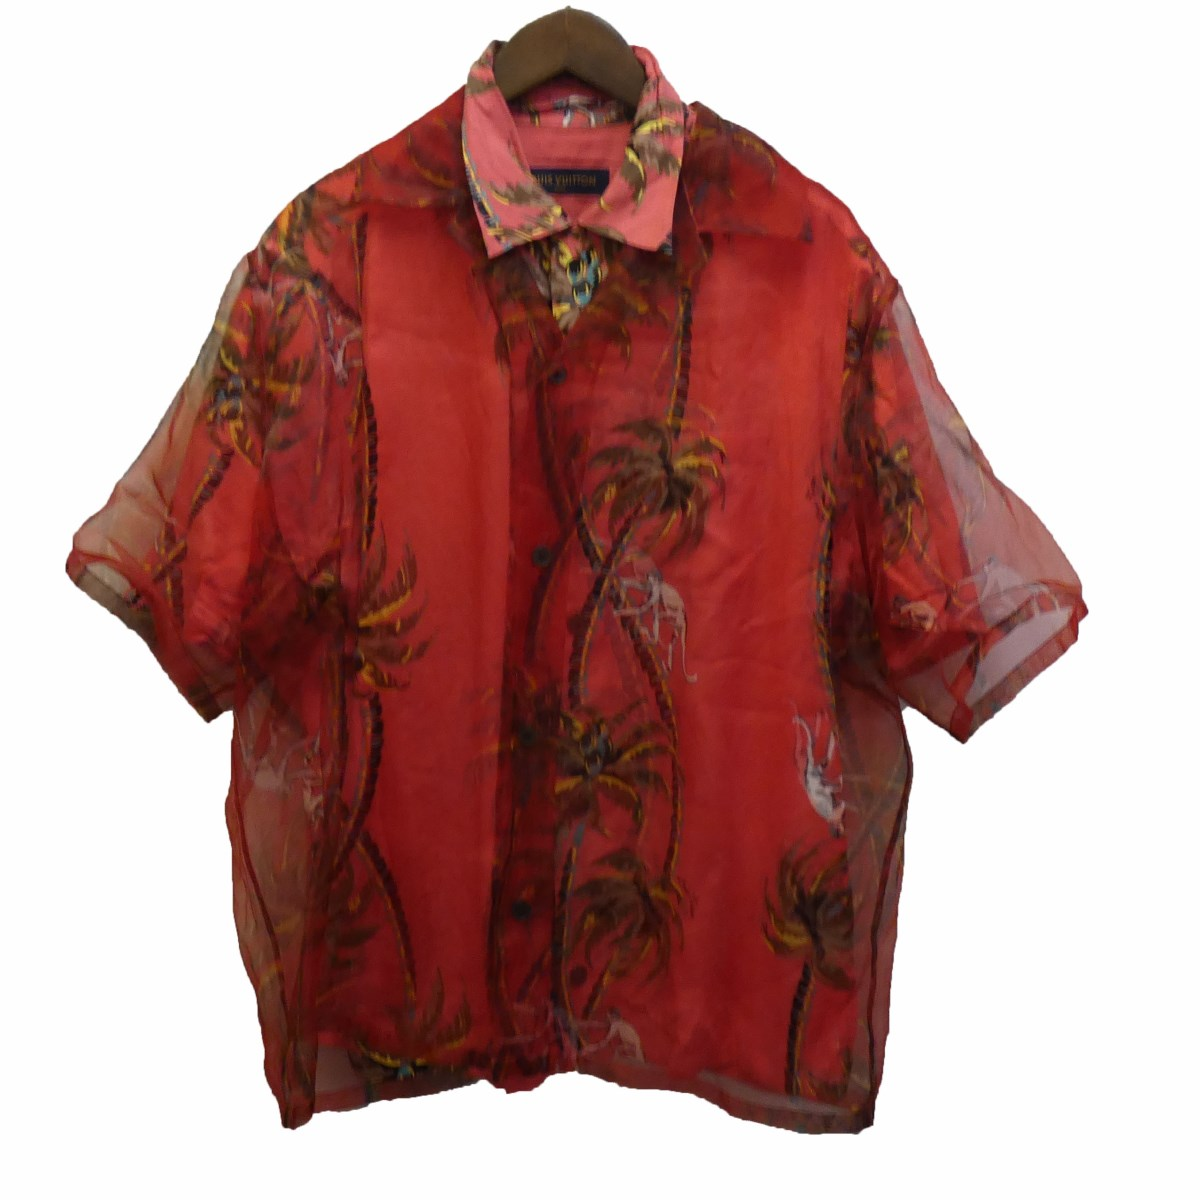 【中古】LOUIS VUITTON18SS ハワイアンモンキパームダブルレイヤードアロハシャツ レッド サイズ:L